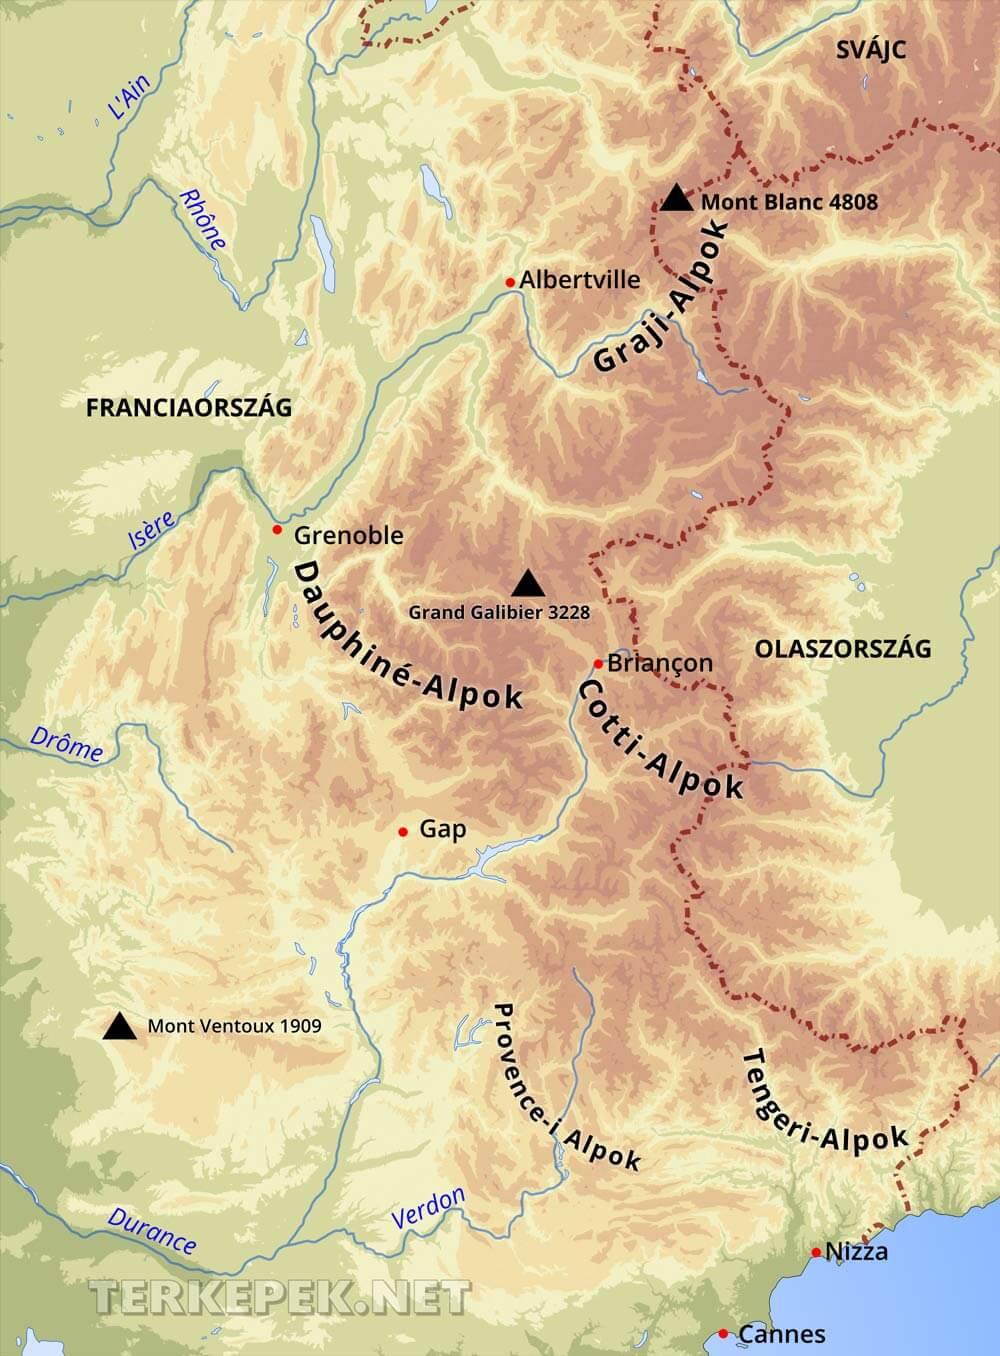 franciaország domborzati térkép Francia Alpok domborzati térképe franciaország domborzati térkép